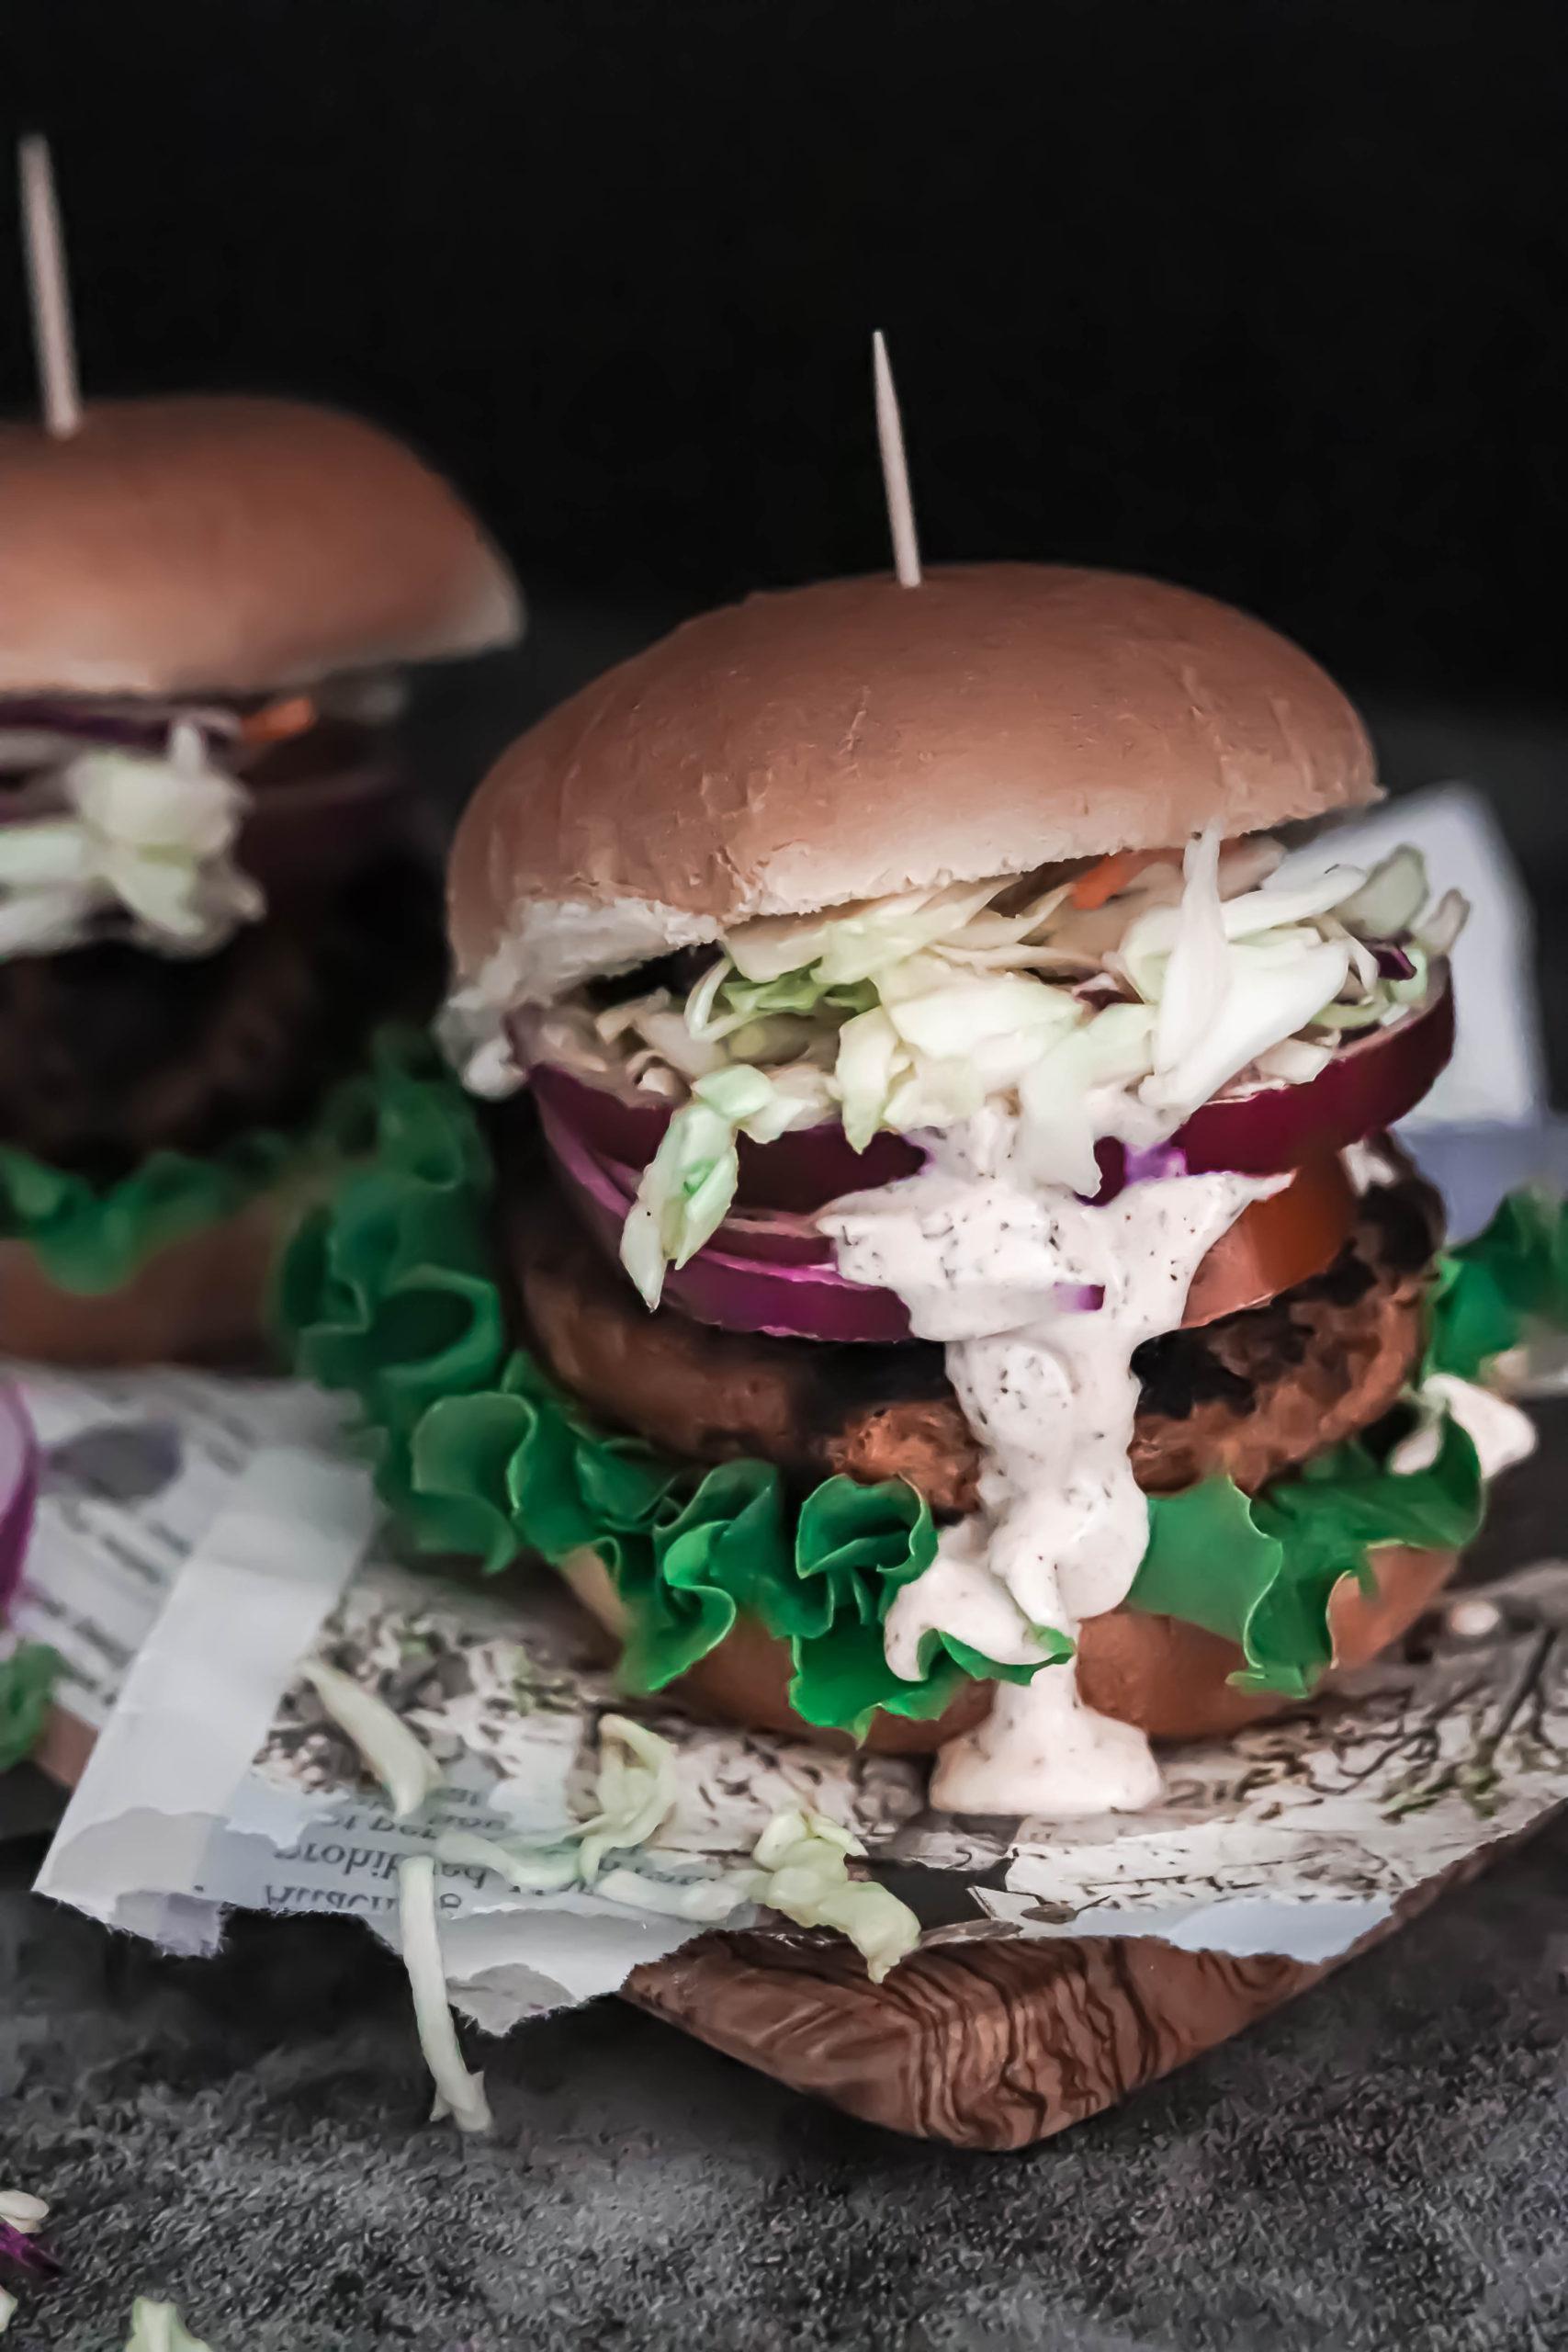 Vegan grillable veggie burger